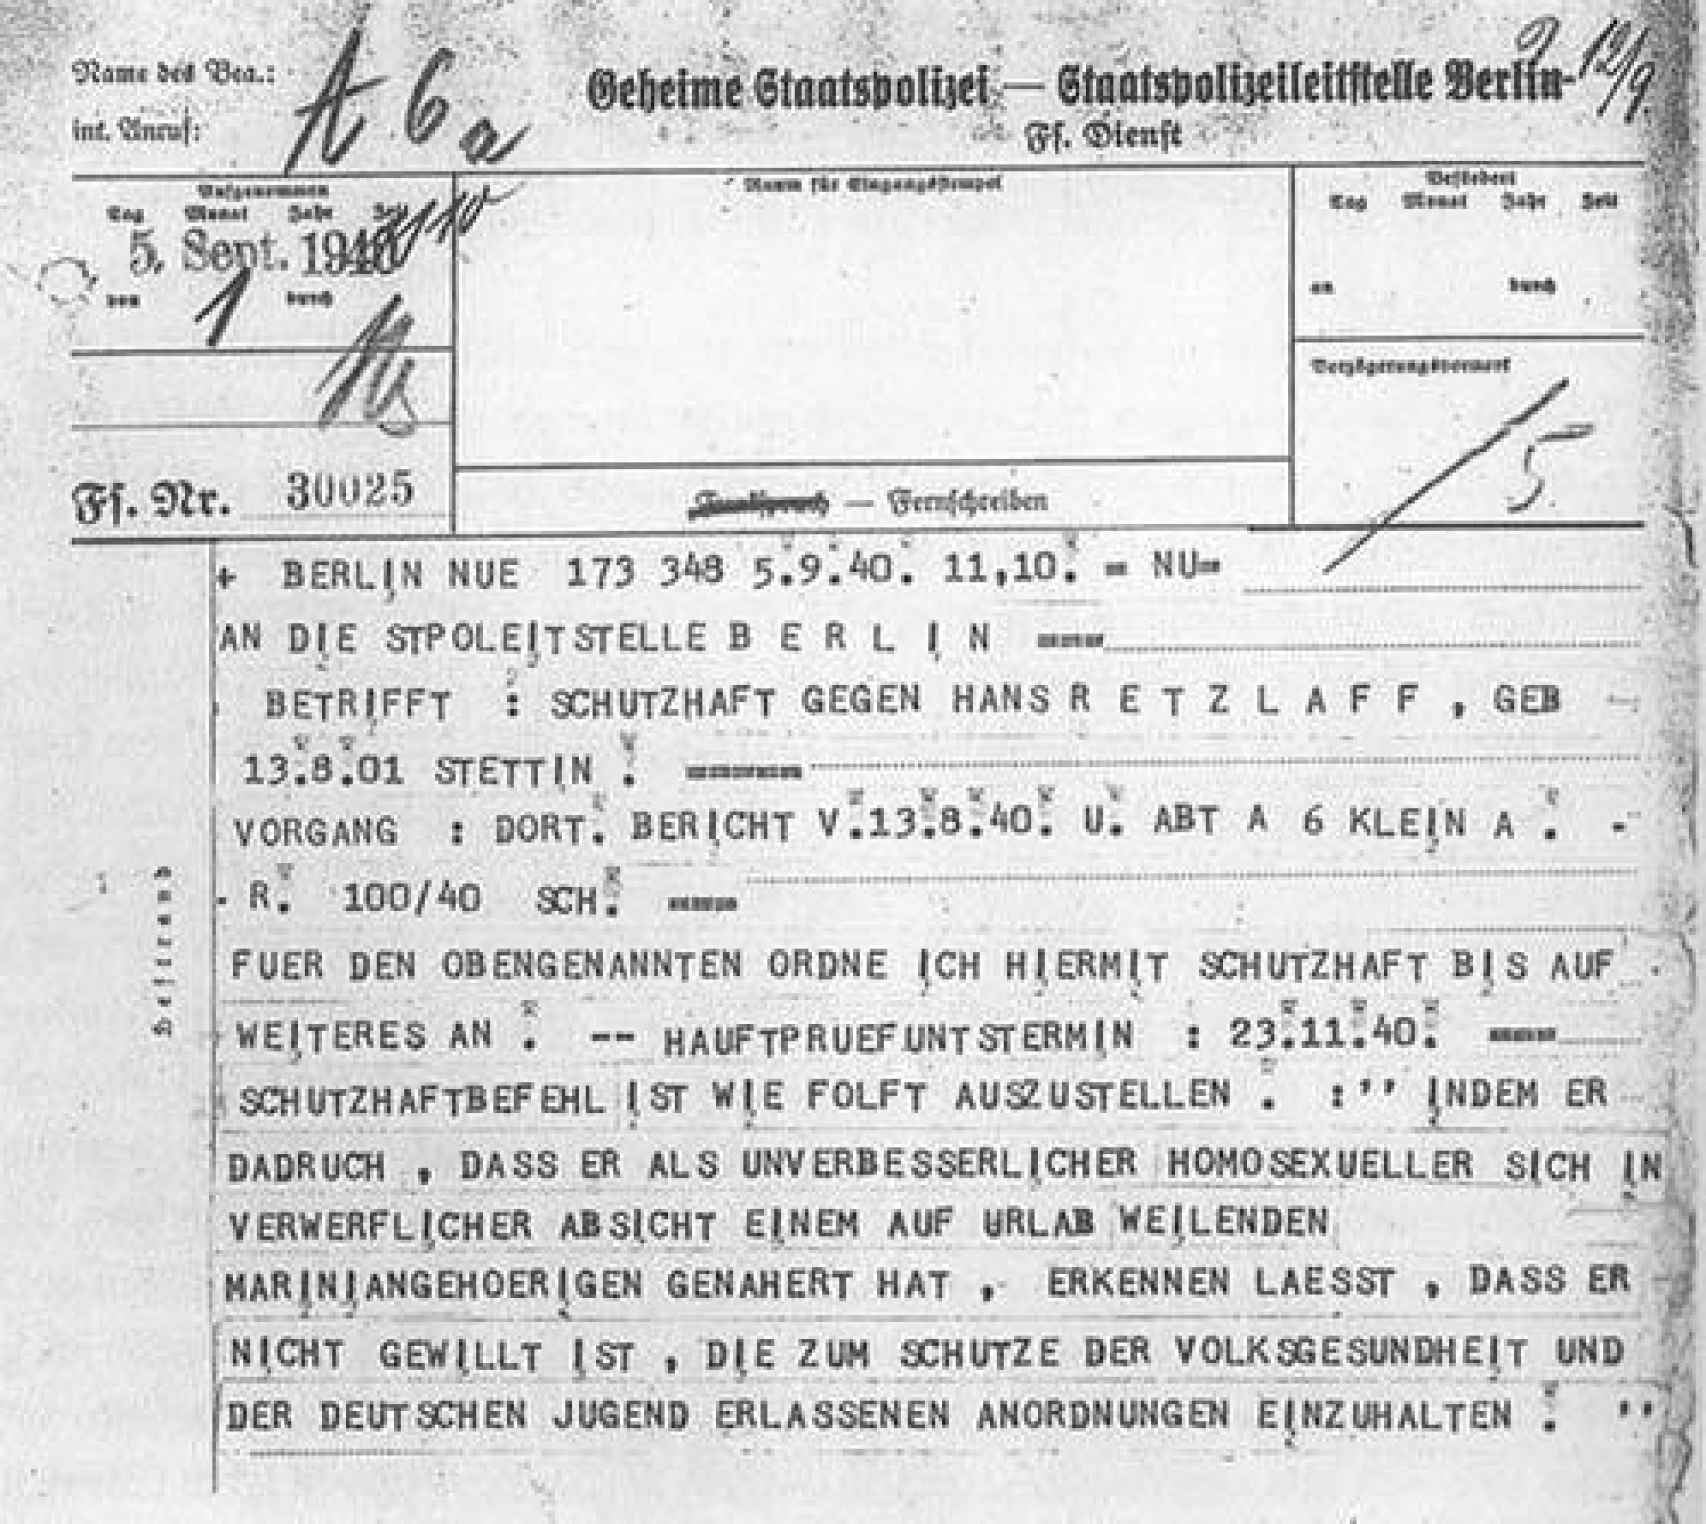 Carta de la Gestapo con una orden para la detención de un homosexual incorregible.